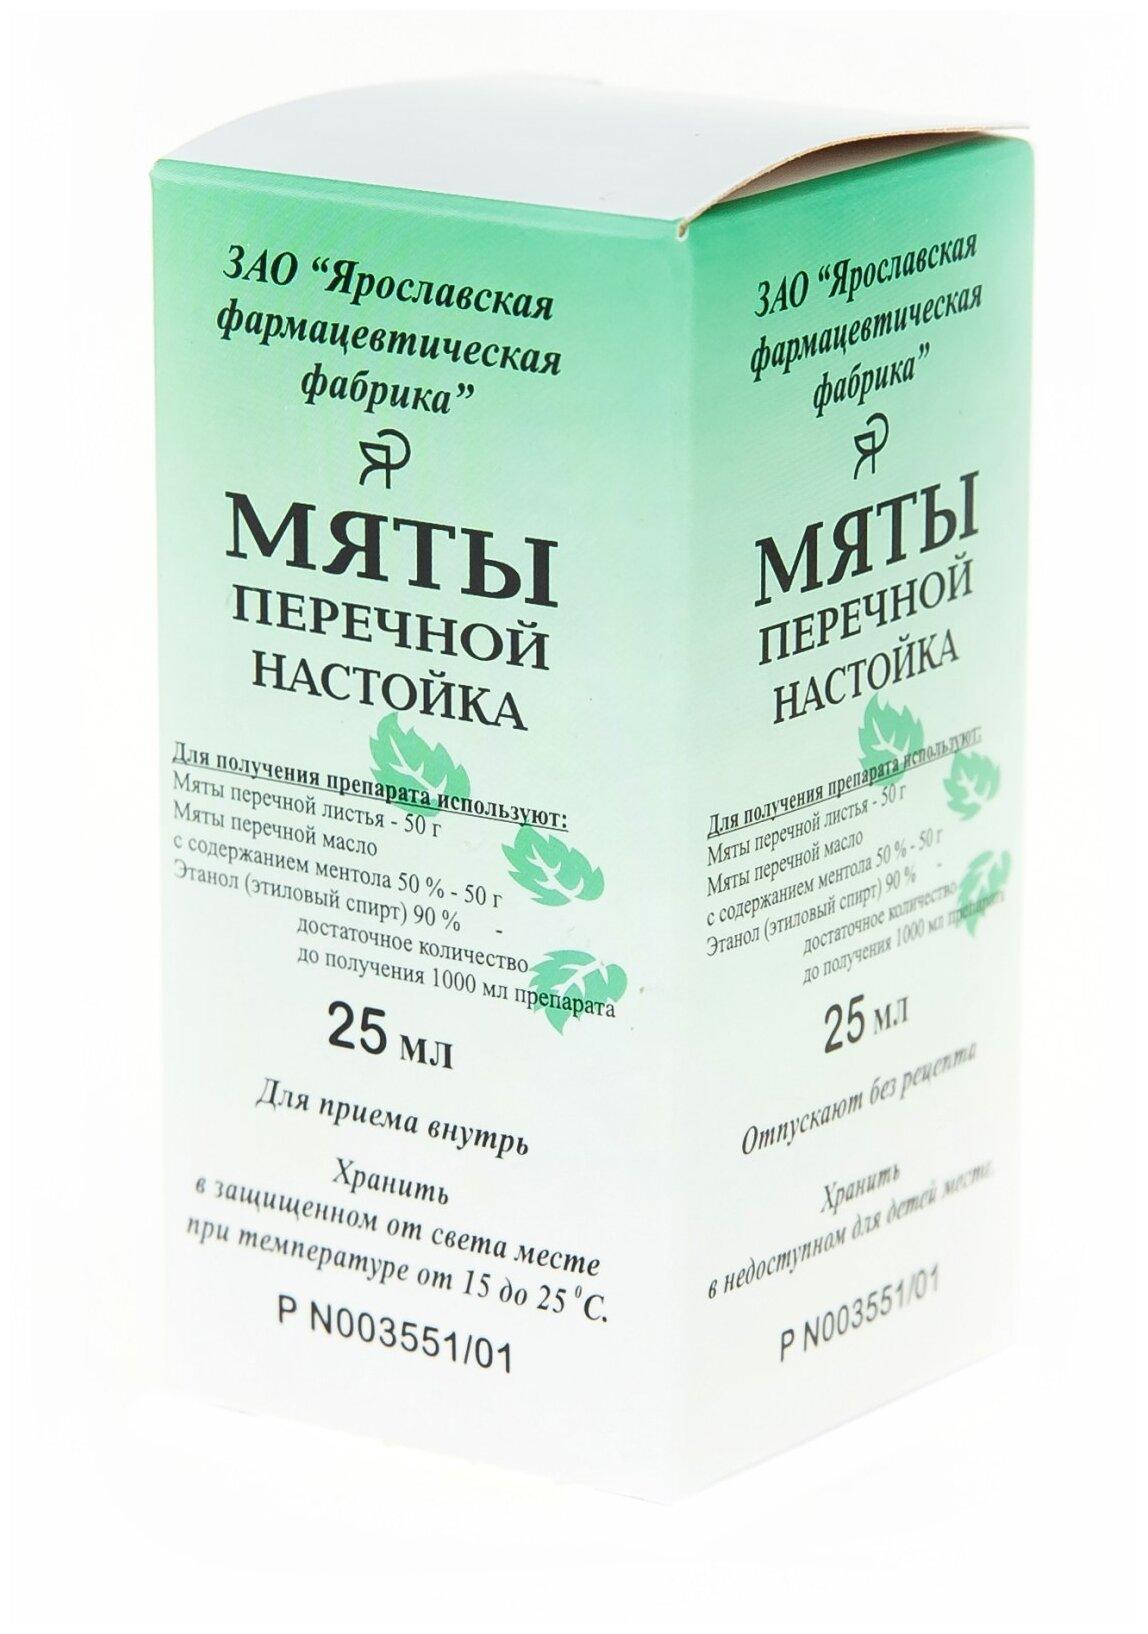 Мяты перечной настойка фл. — купить по выгодной цене на Яндекс.Маркете